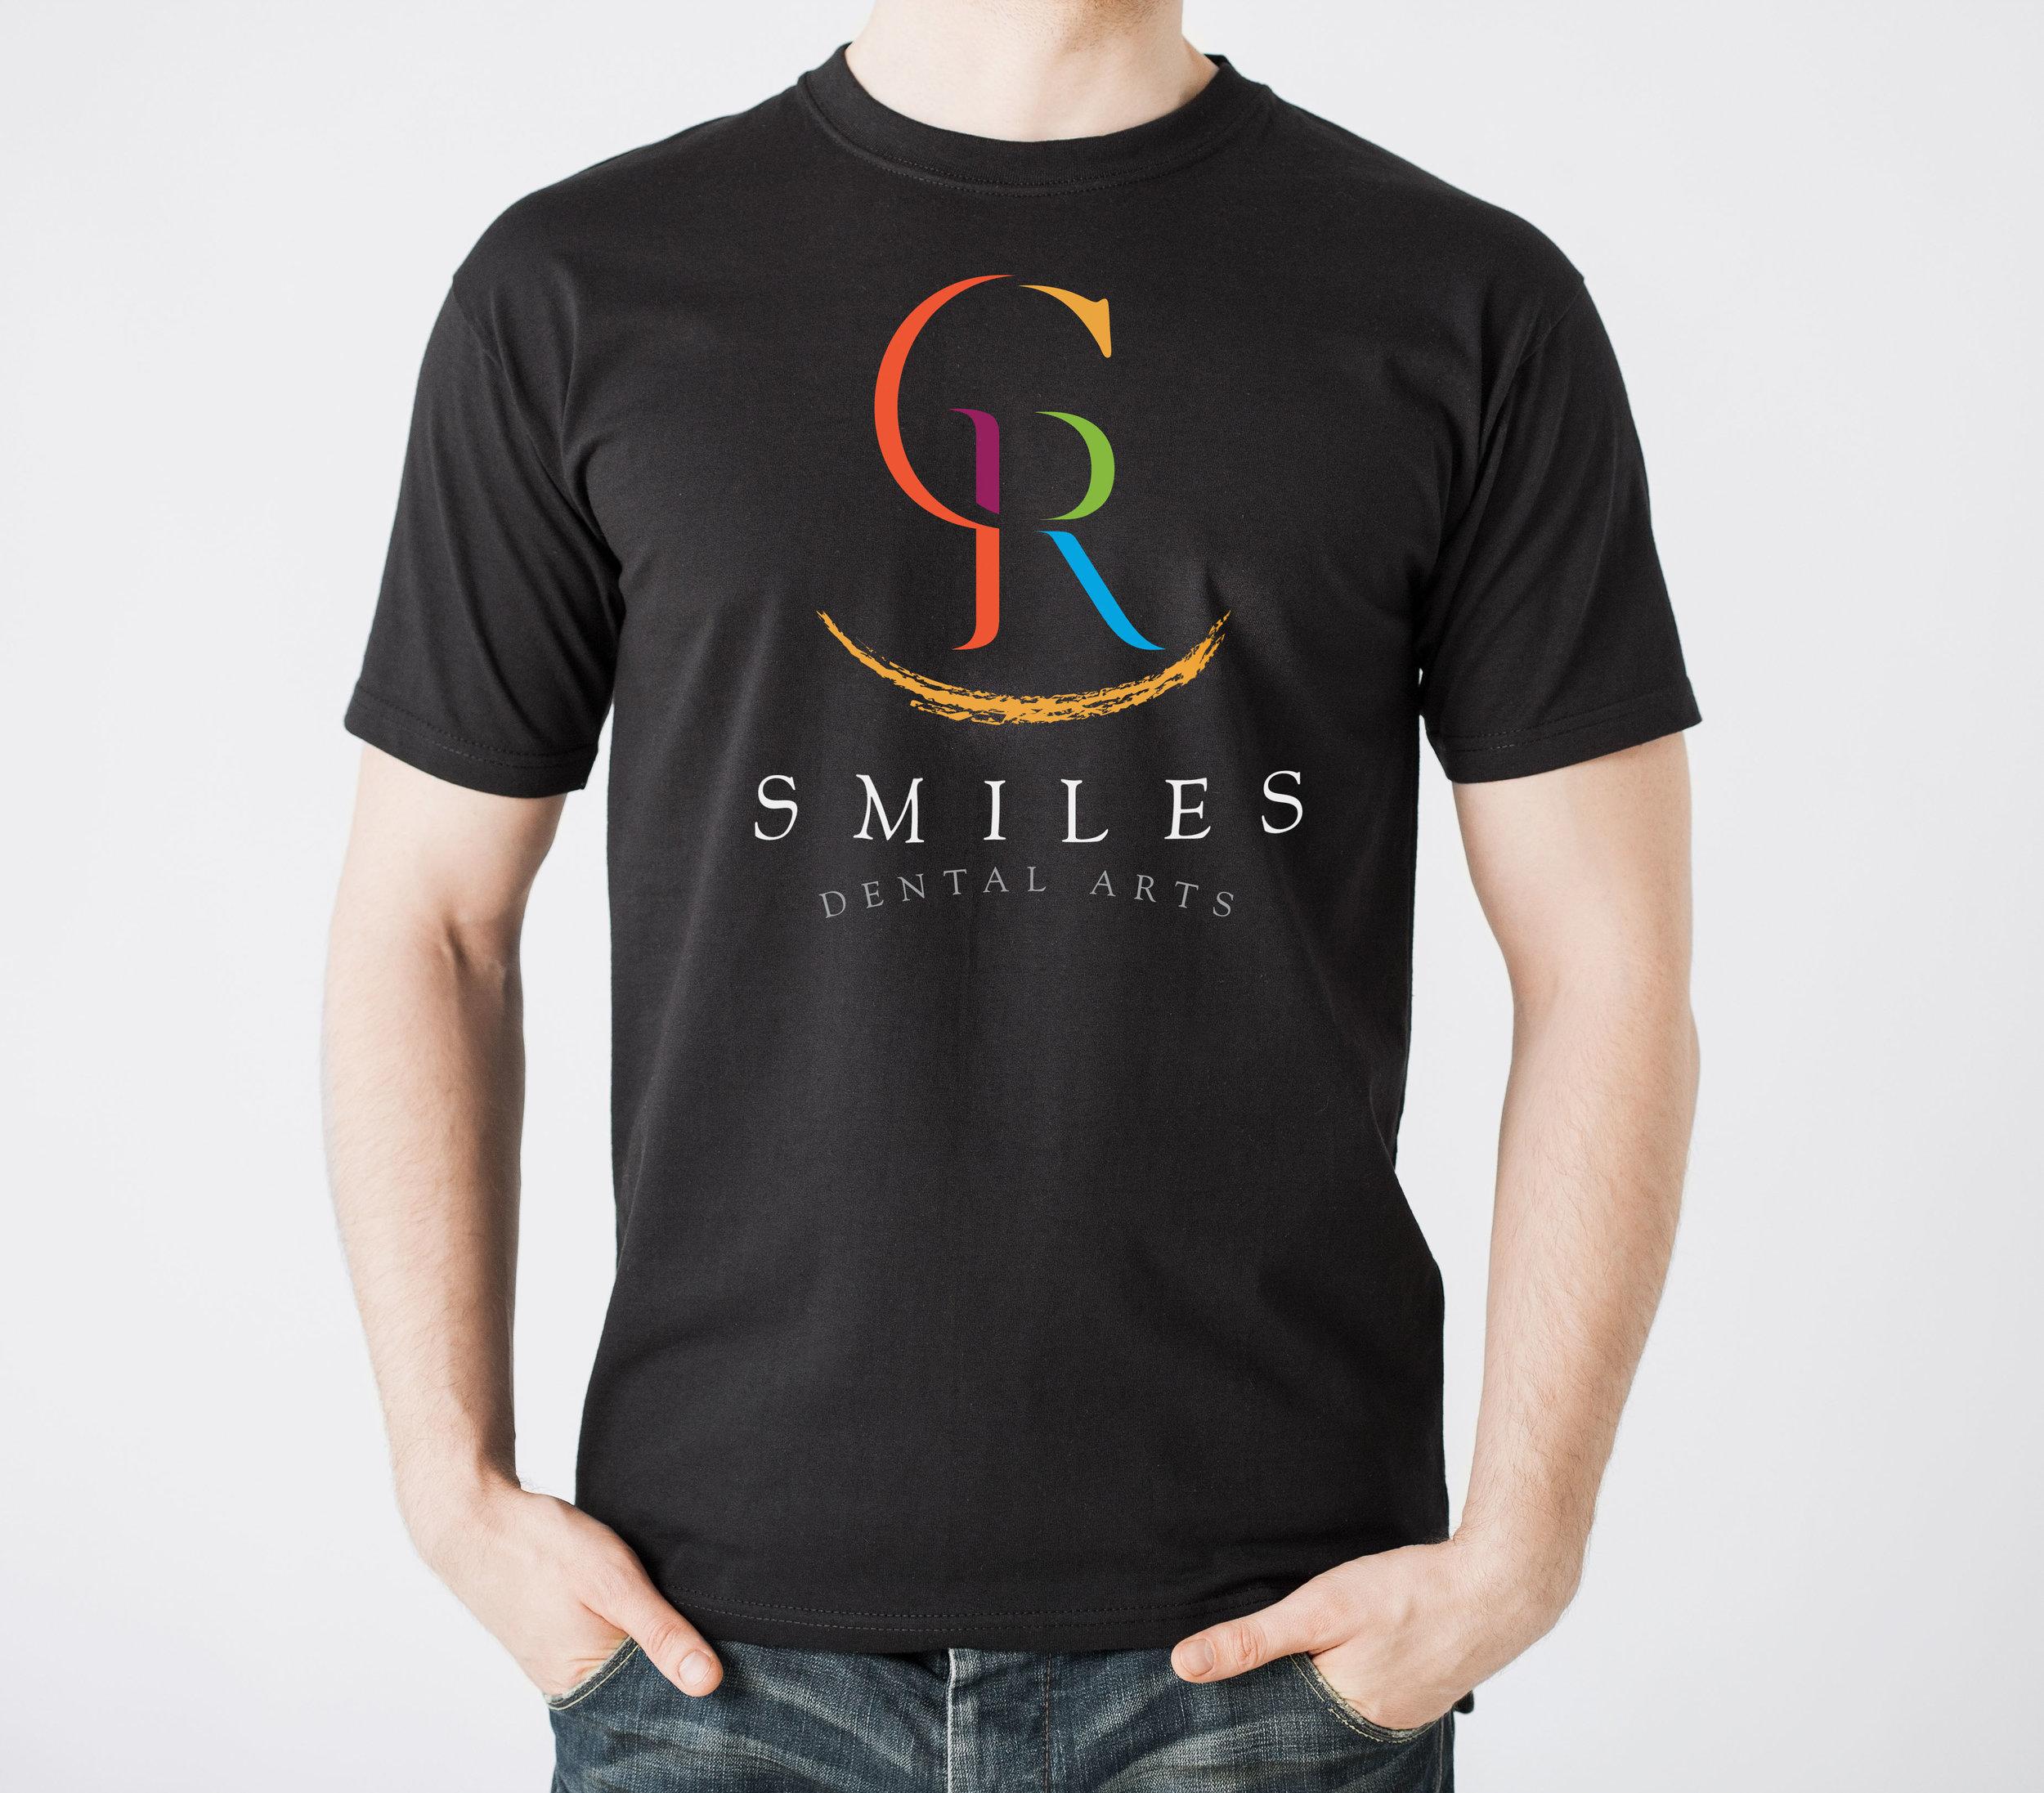 CR-Smiles_shirt.jpg